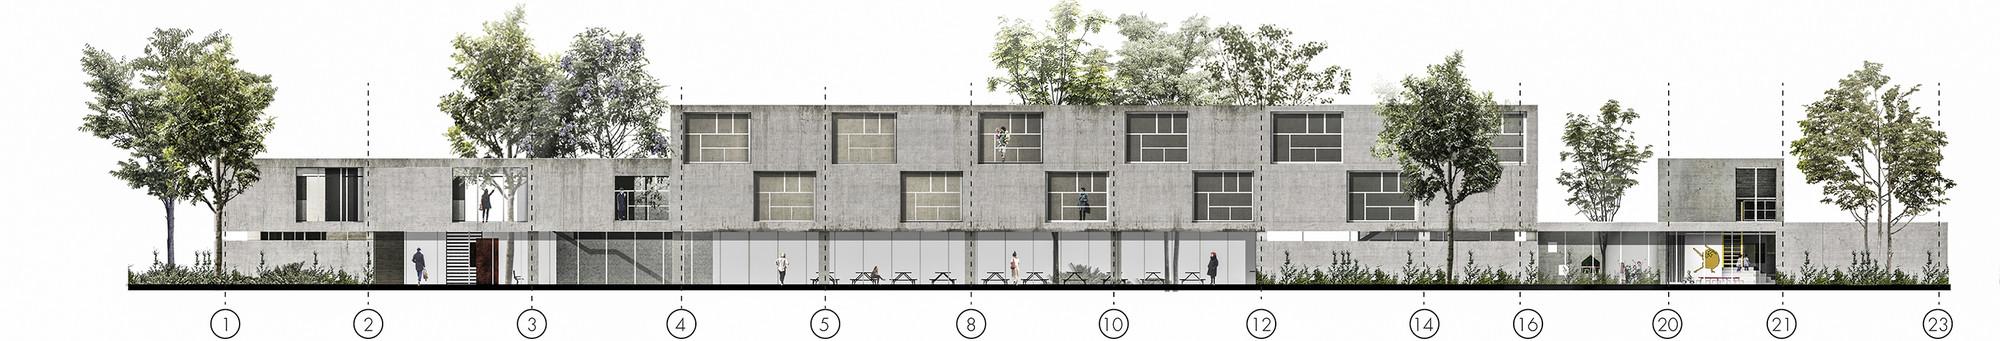 Galer a de fp arquitectura cuarto lugar en concurso - Alzado arquitectura ...